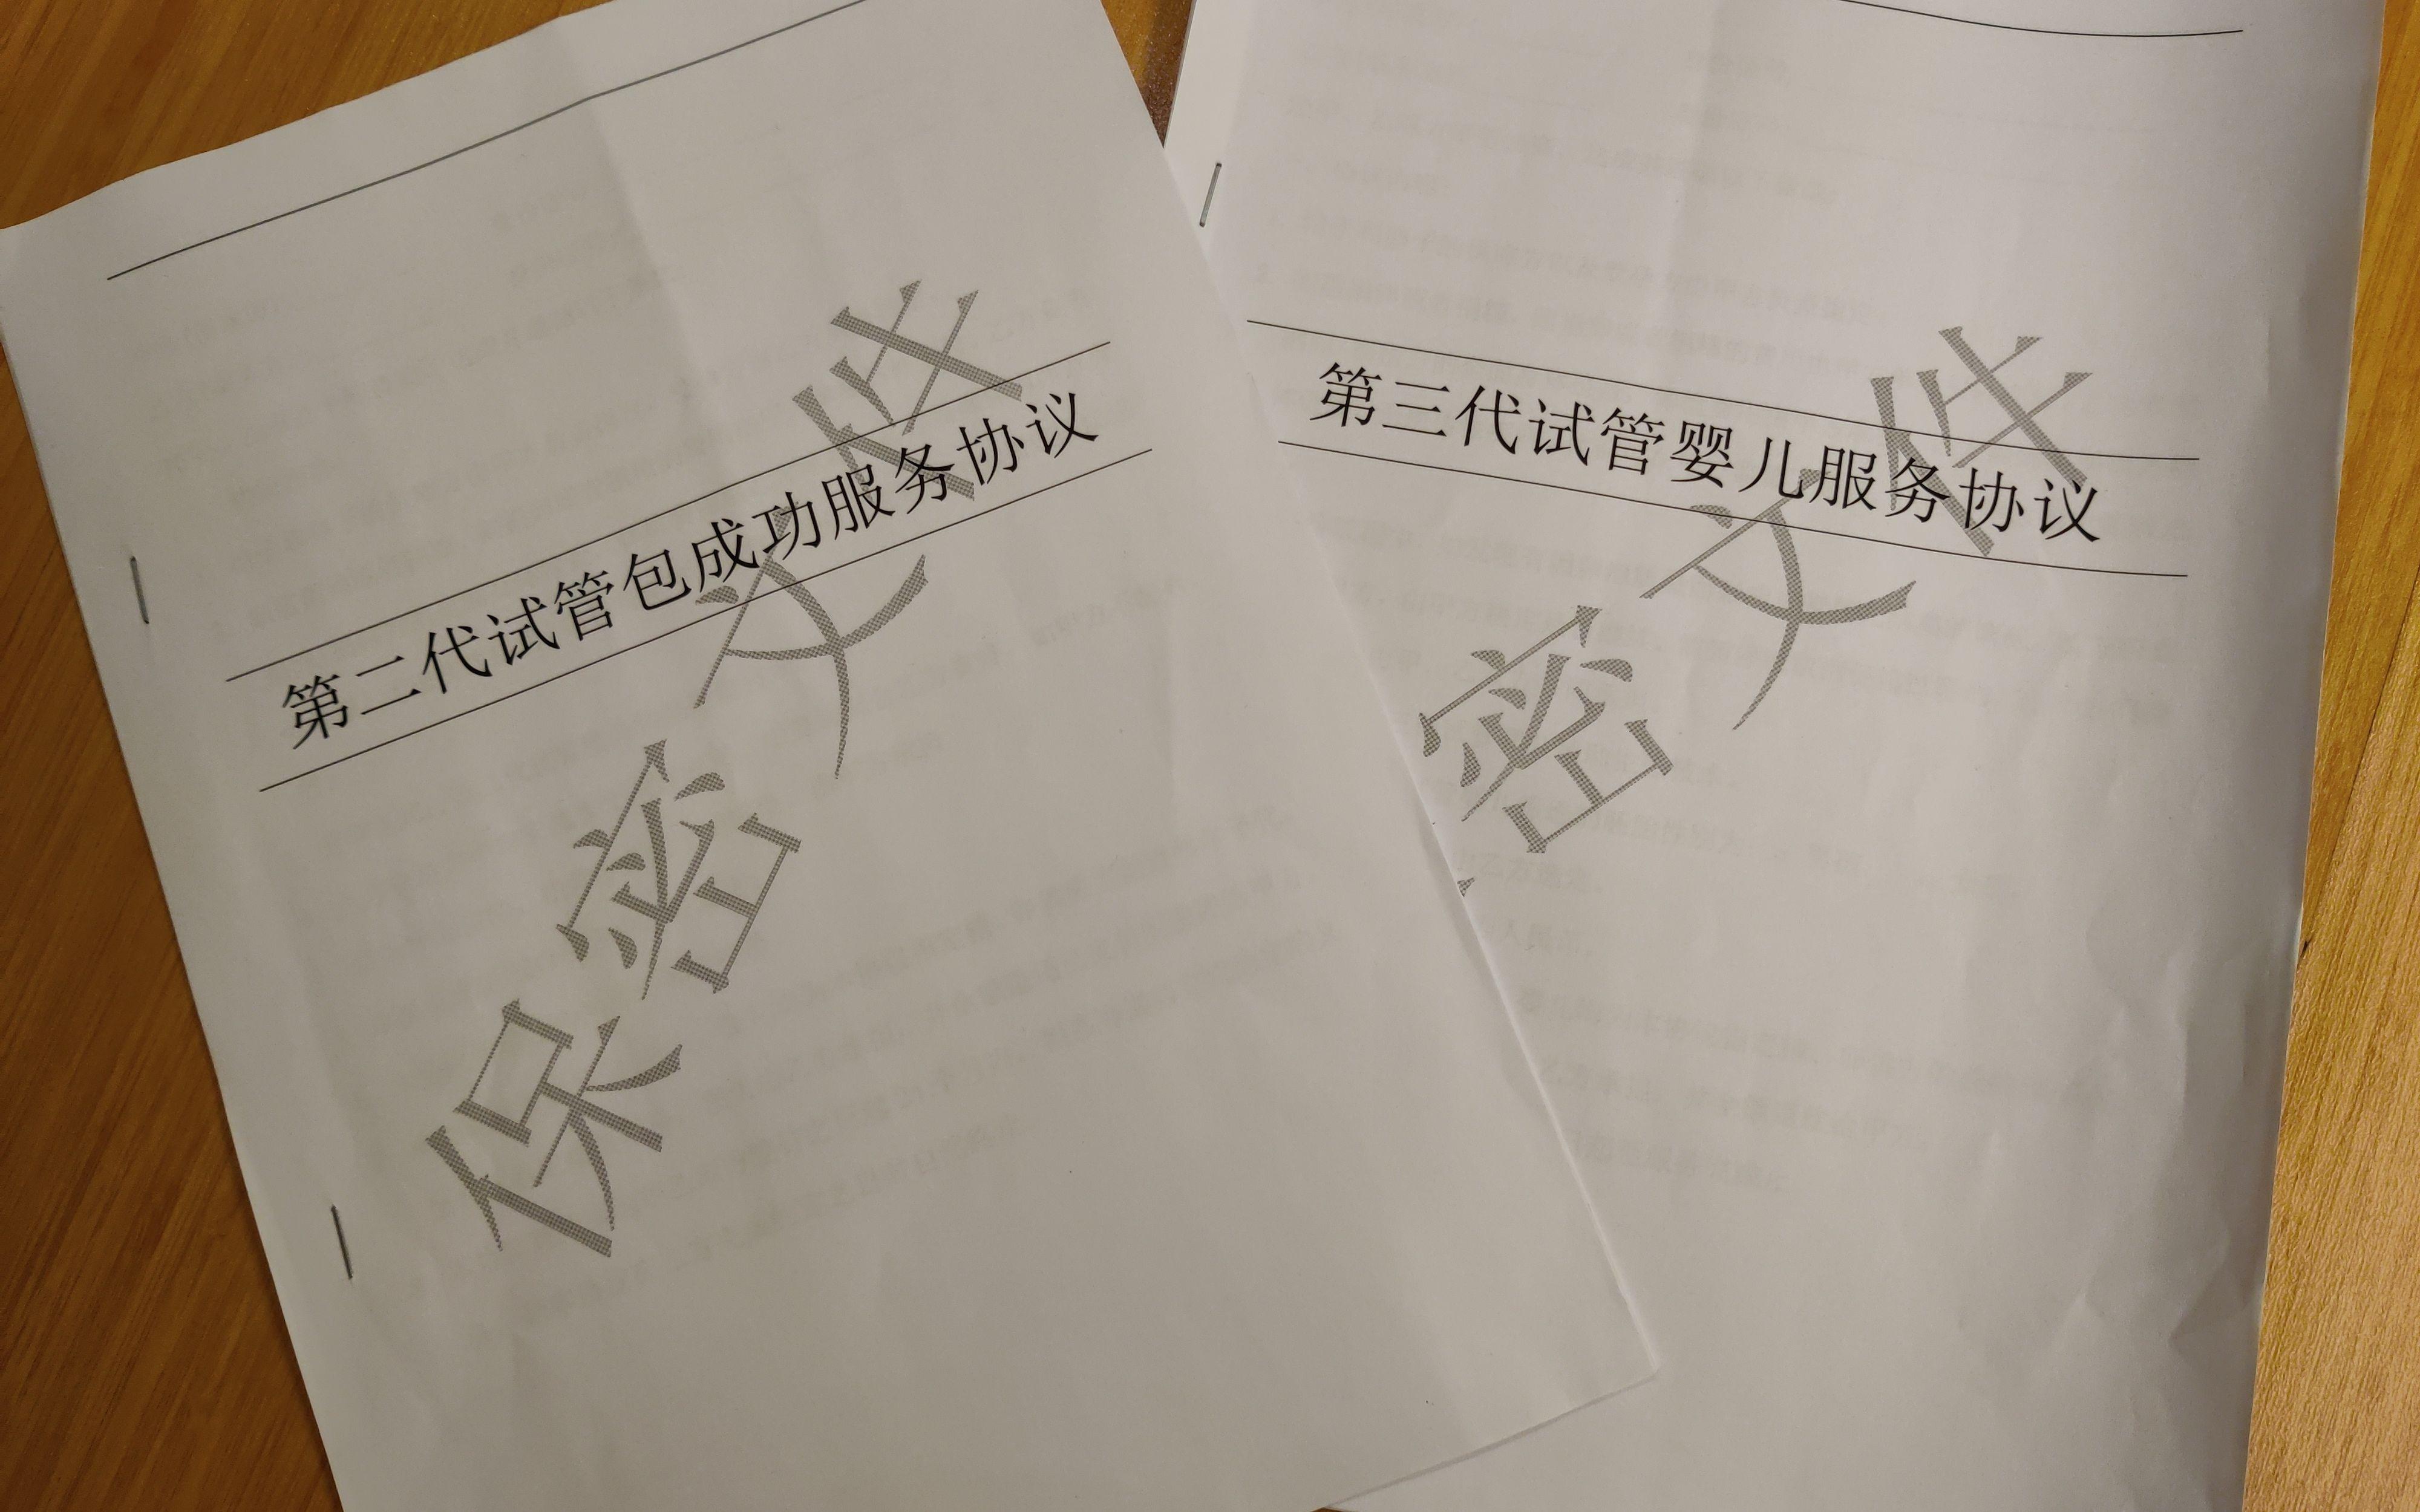 郑州某地下生殖机构提供的合同模板。新京报记者 吴小飞 摄